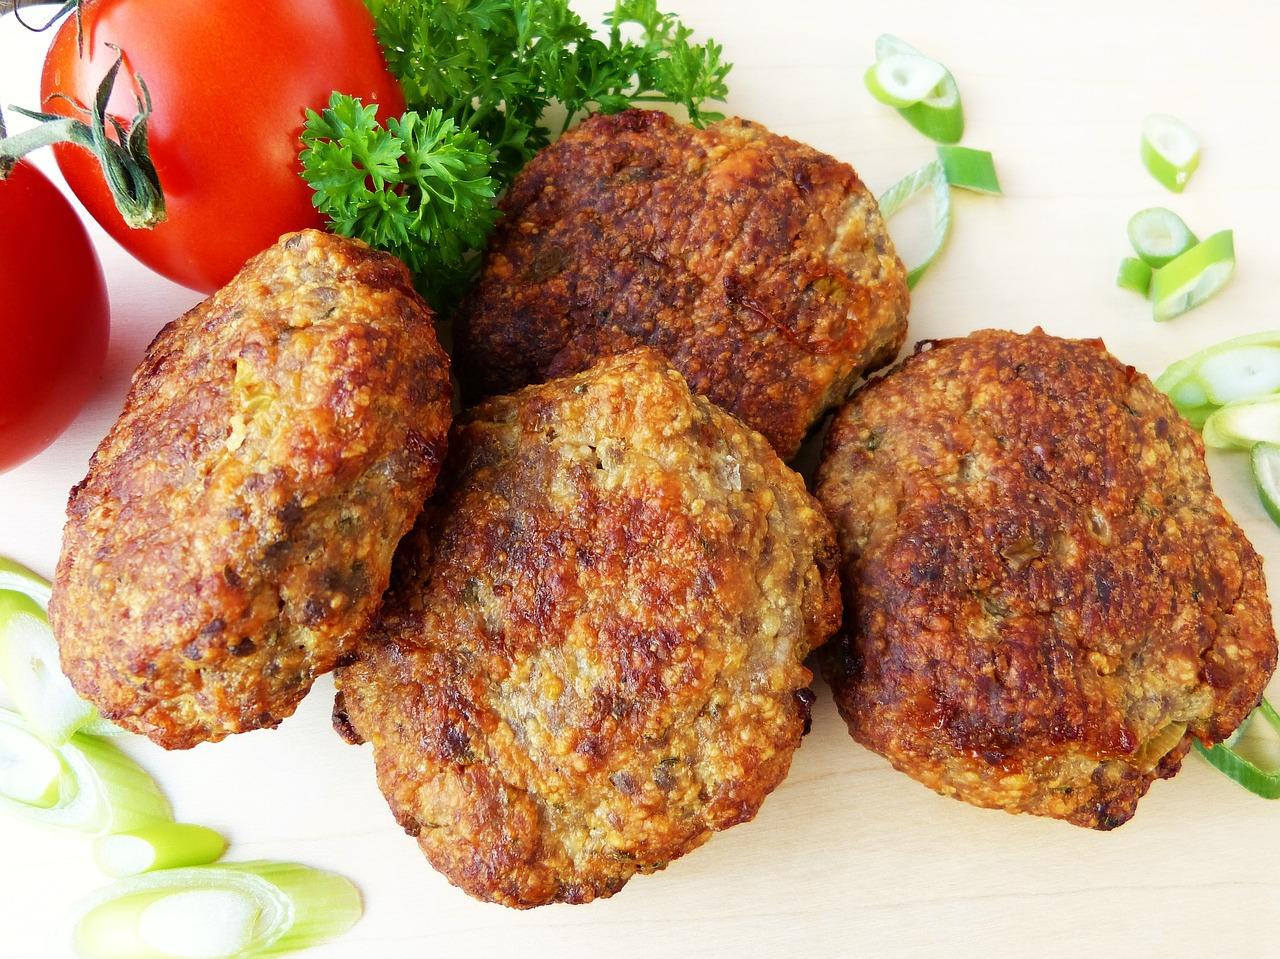 Их можно сделать из одного или нескольких мясных компонентов, овощей, хлеба, яиц, муки, манной крупы.